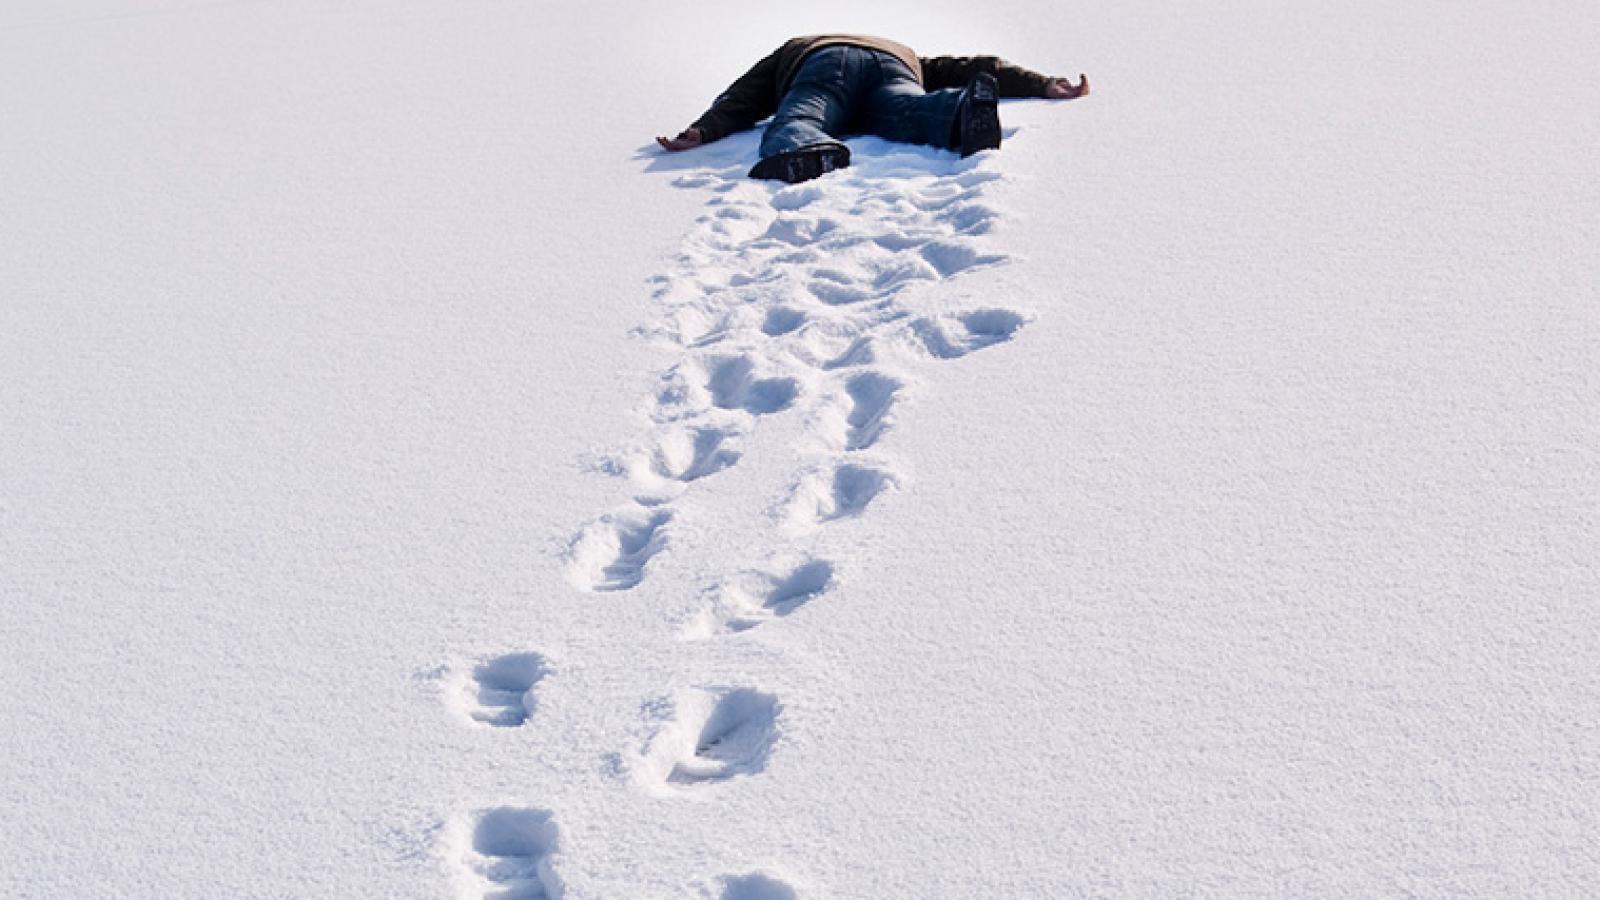 человек лежащий на снегу картинки корректирование